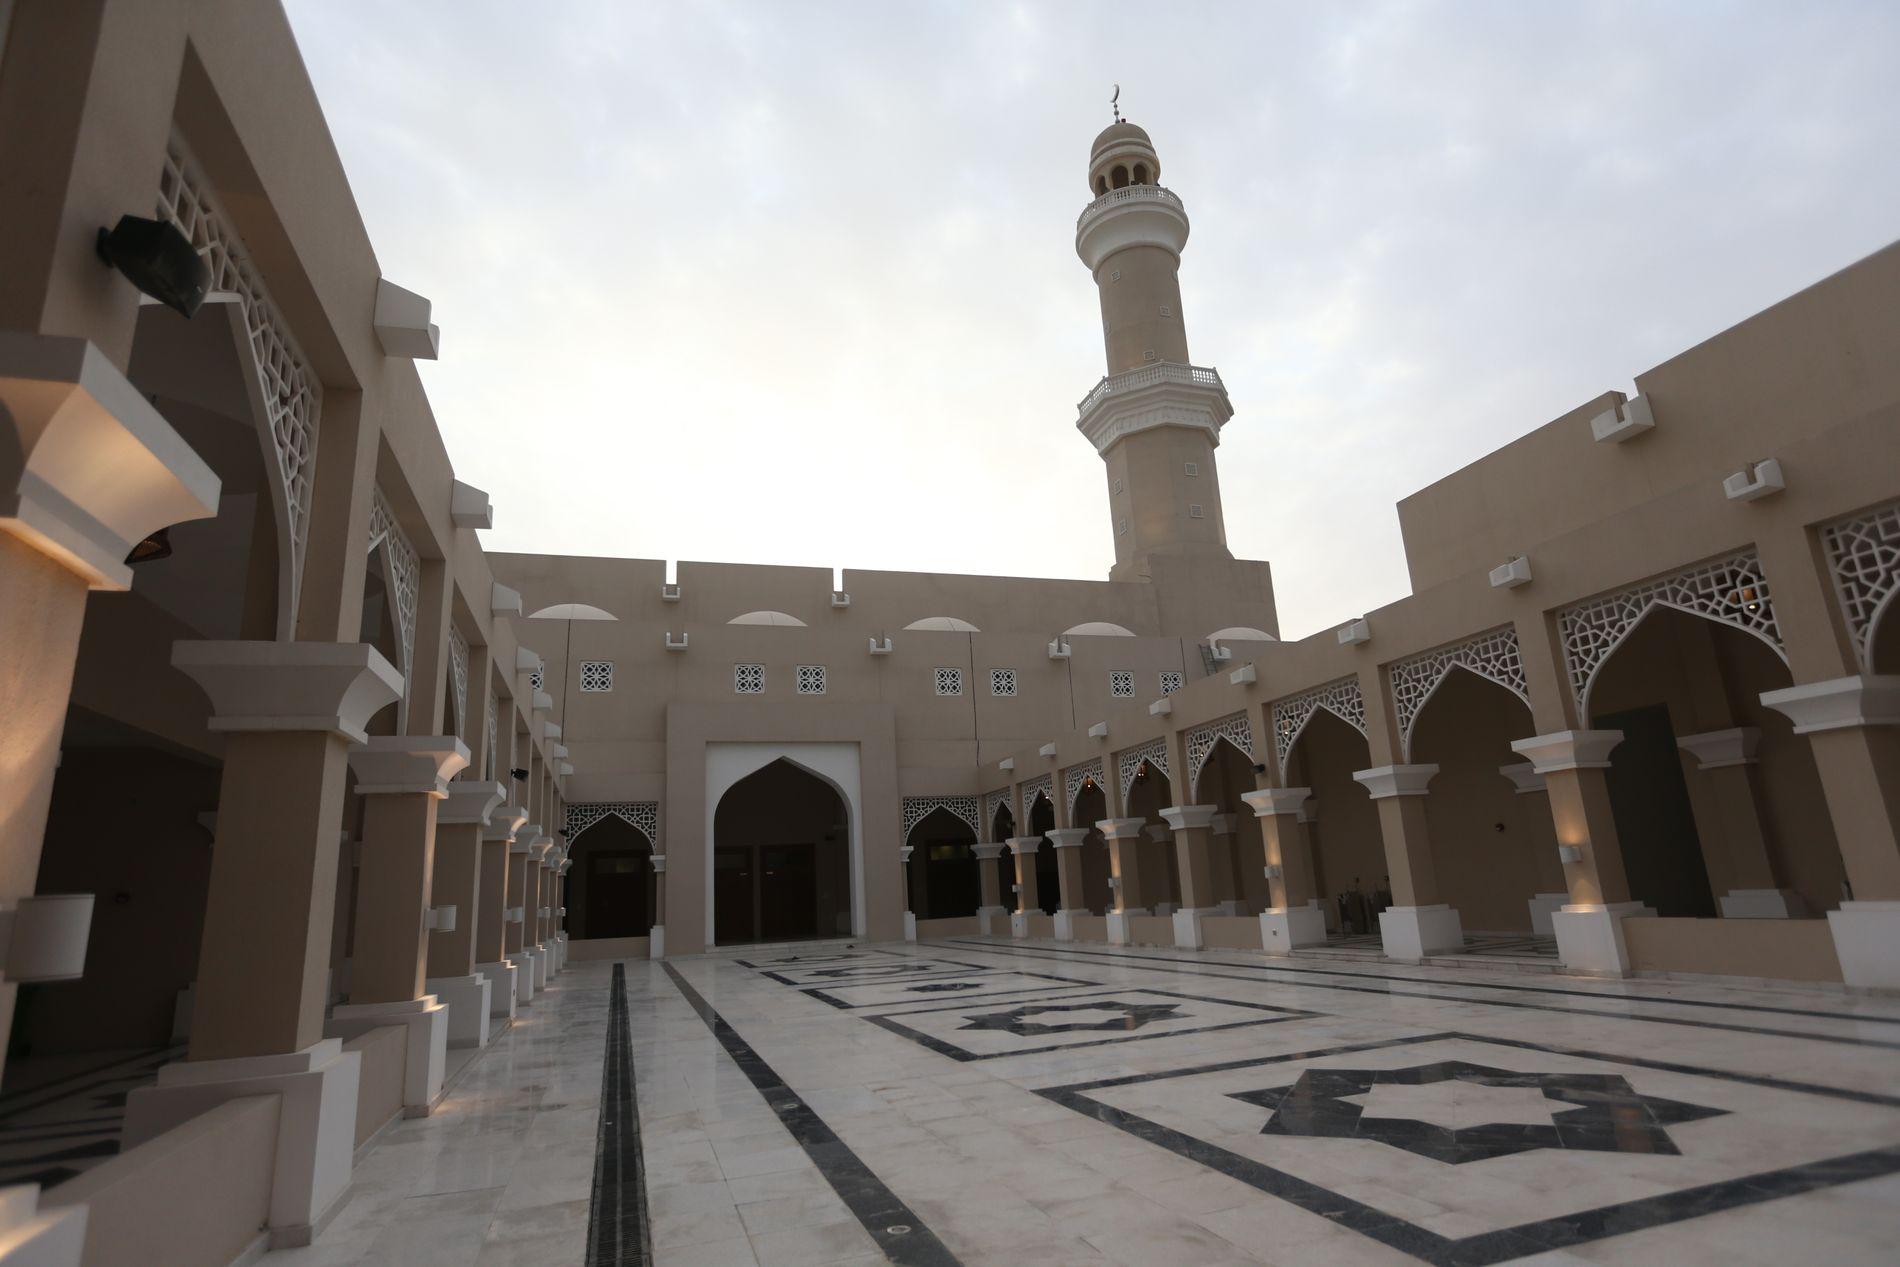 BIDRAR TIL TERROR: – Qatar har også klart kunststykket å passere Saudi Arabia som største bidragsyter til IS, Al-Qaida og Hamas, skriver kronikkforfatteren. NB!: Bildet er av en moské i Qatars hovedstad Doha.